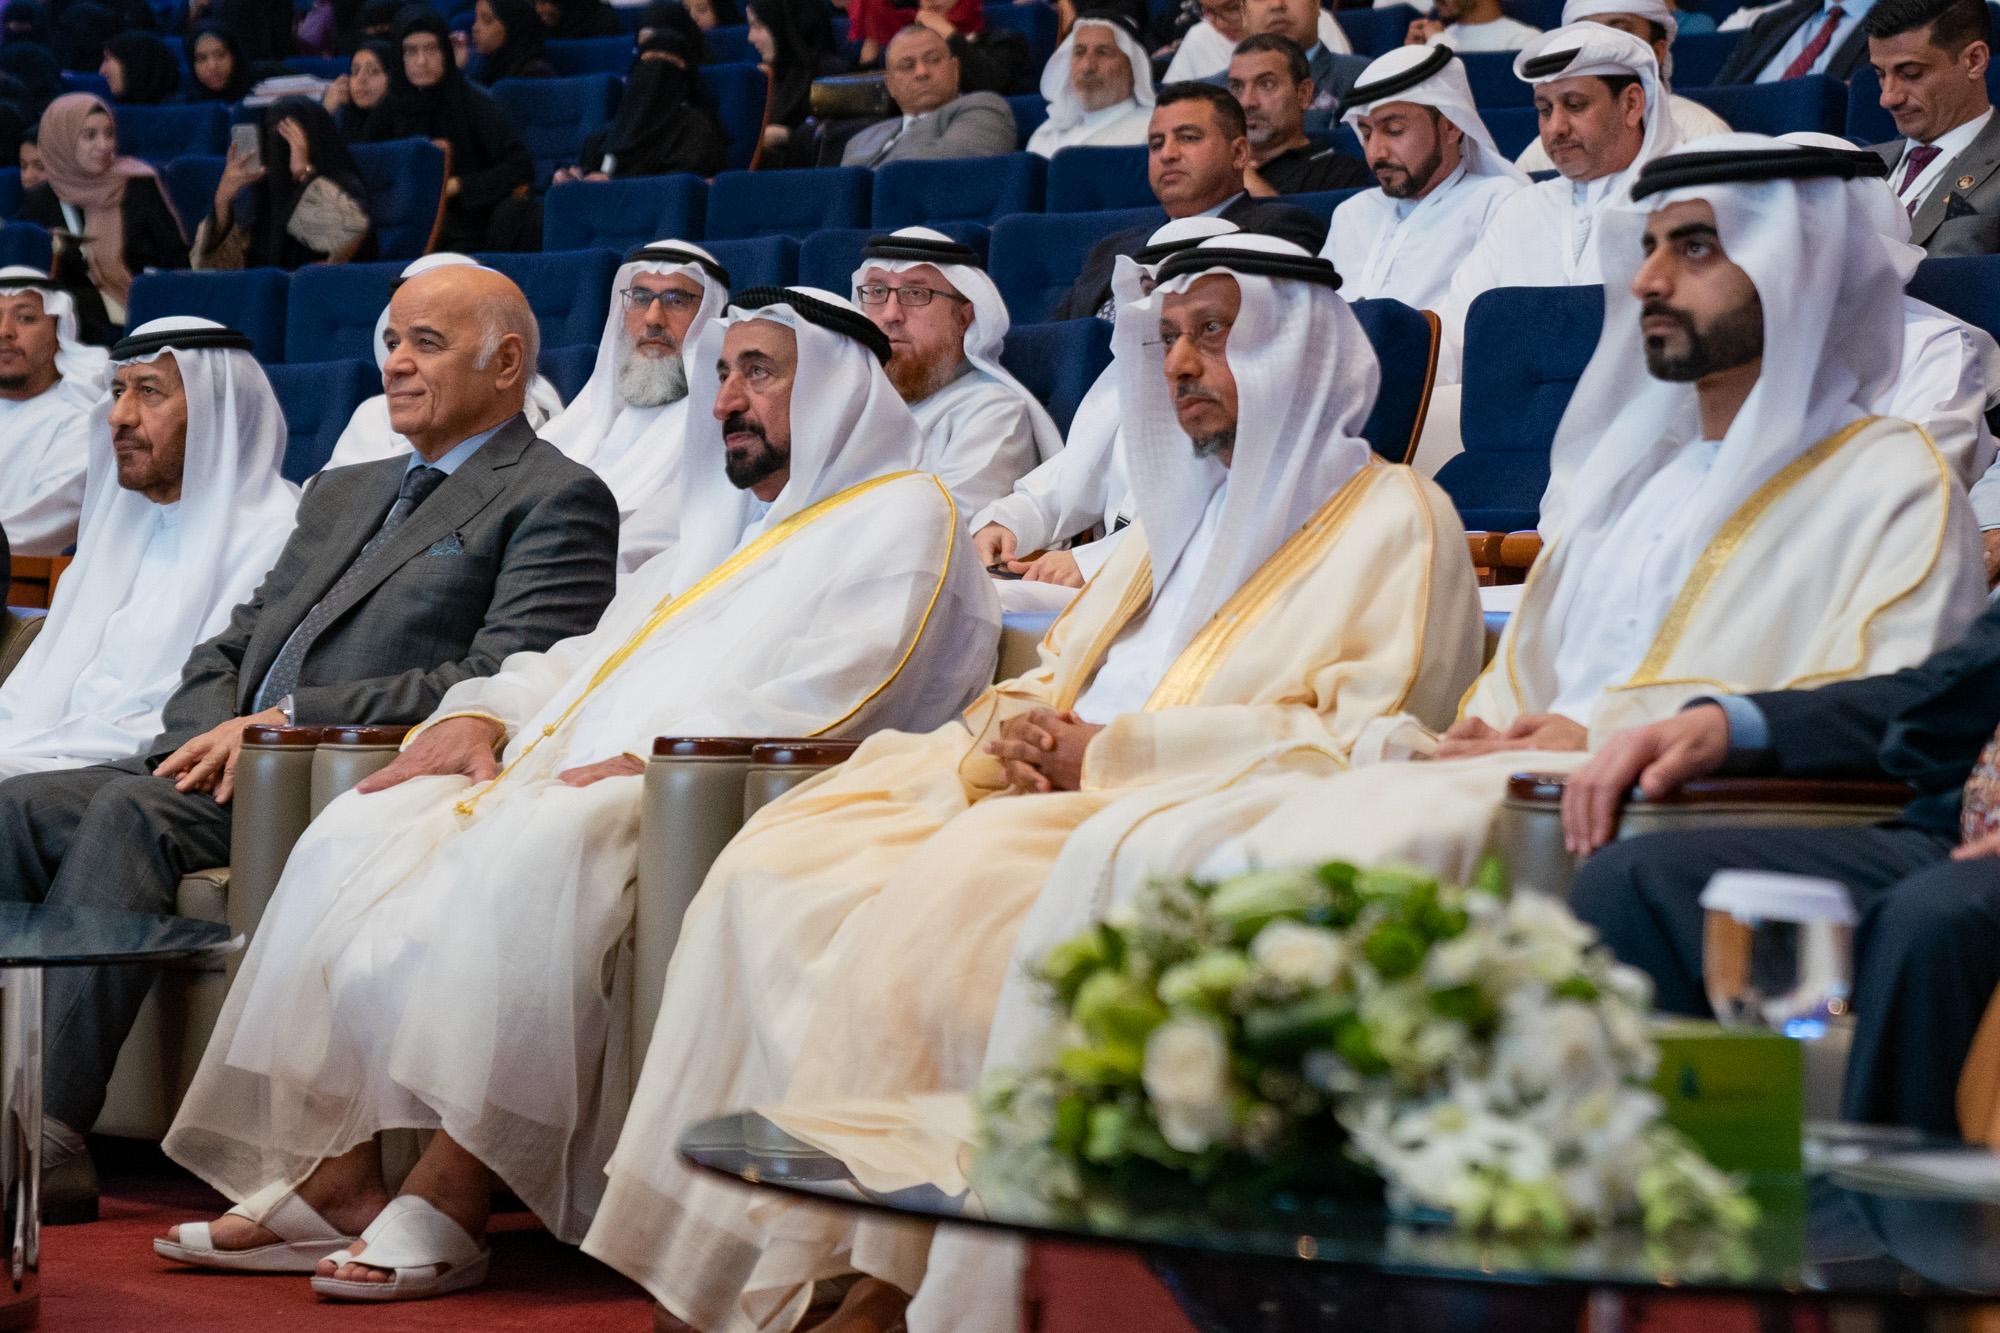 """سلطان القاسمي يشهد افتتاح """"مؤتمر كلية الشريعة """" بجامعة الشارقة"""